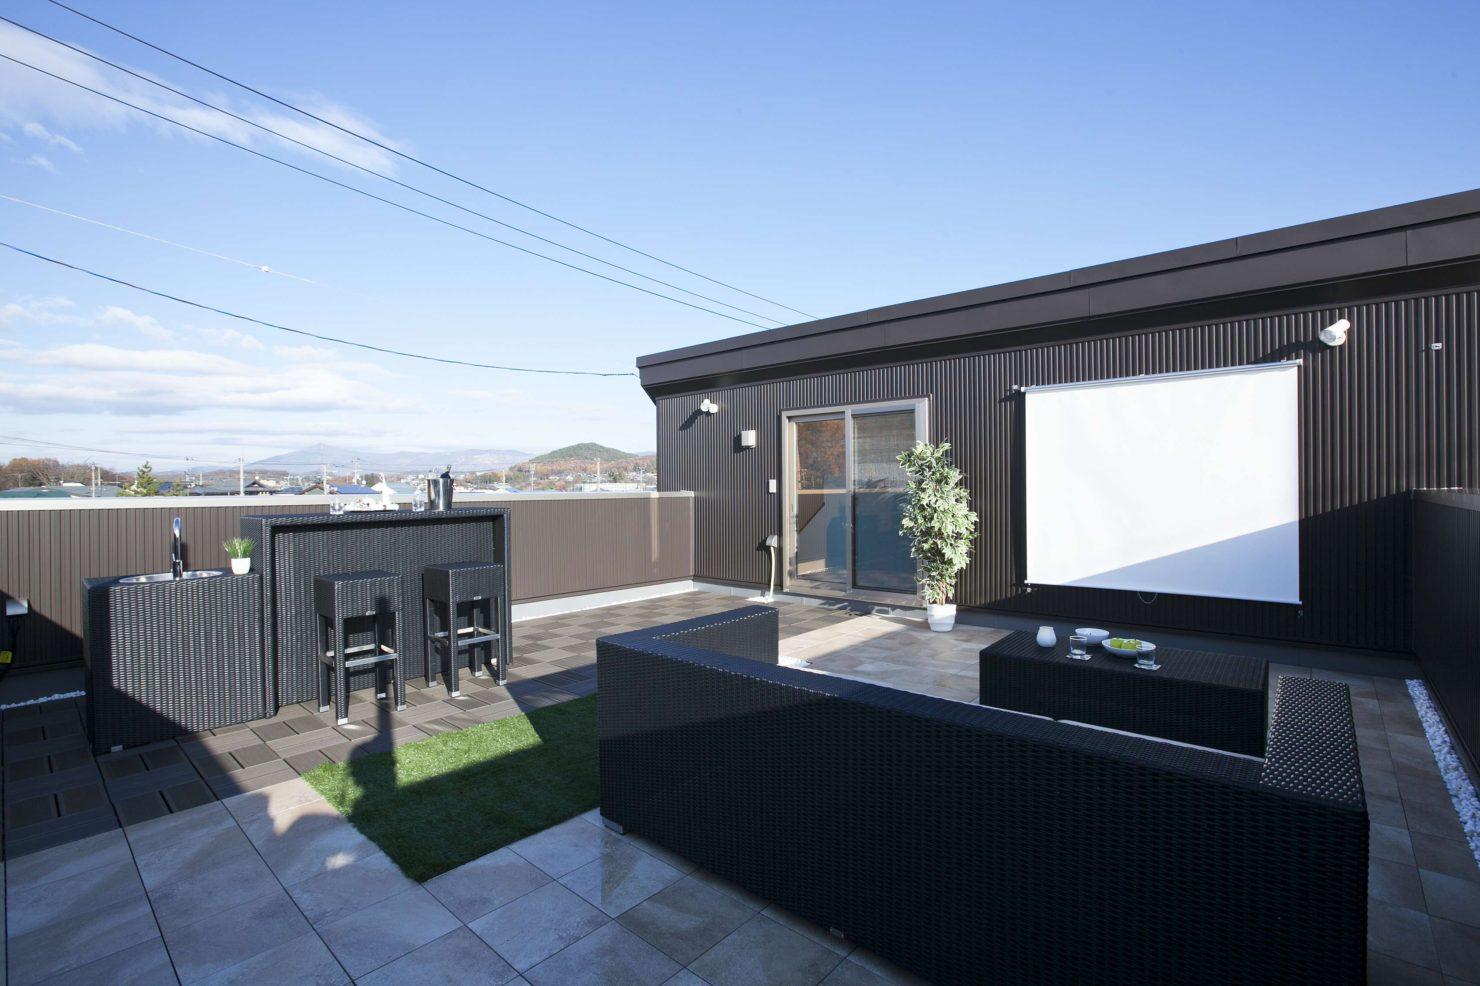 ハウスM21「プラスONEリビング (屋上庭園のある暮らし)」屋上庭園写真